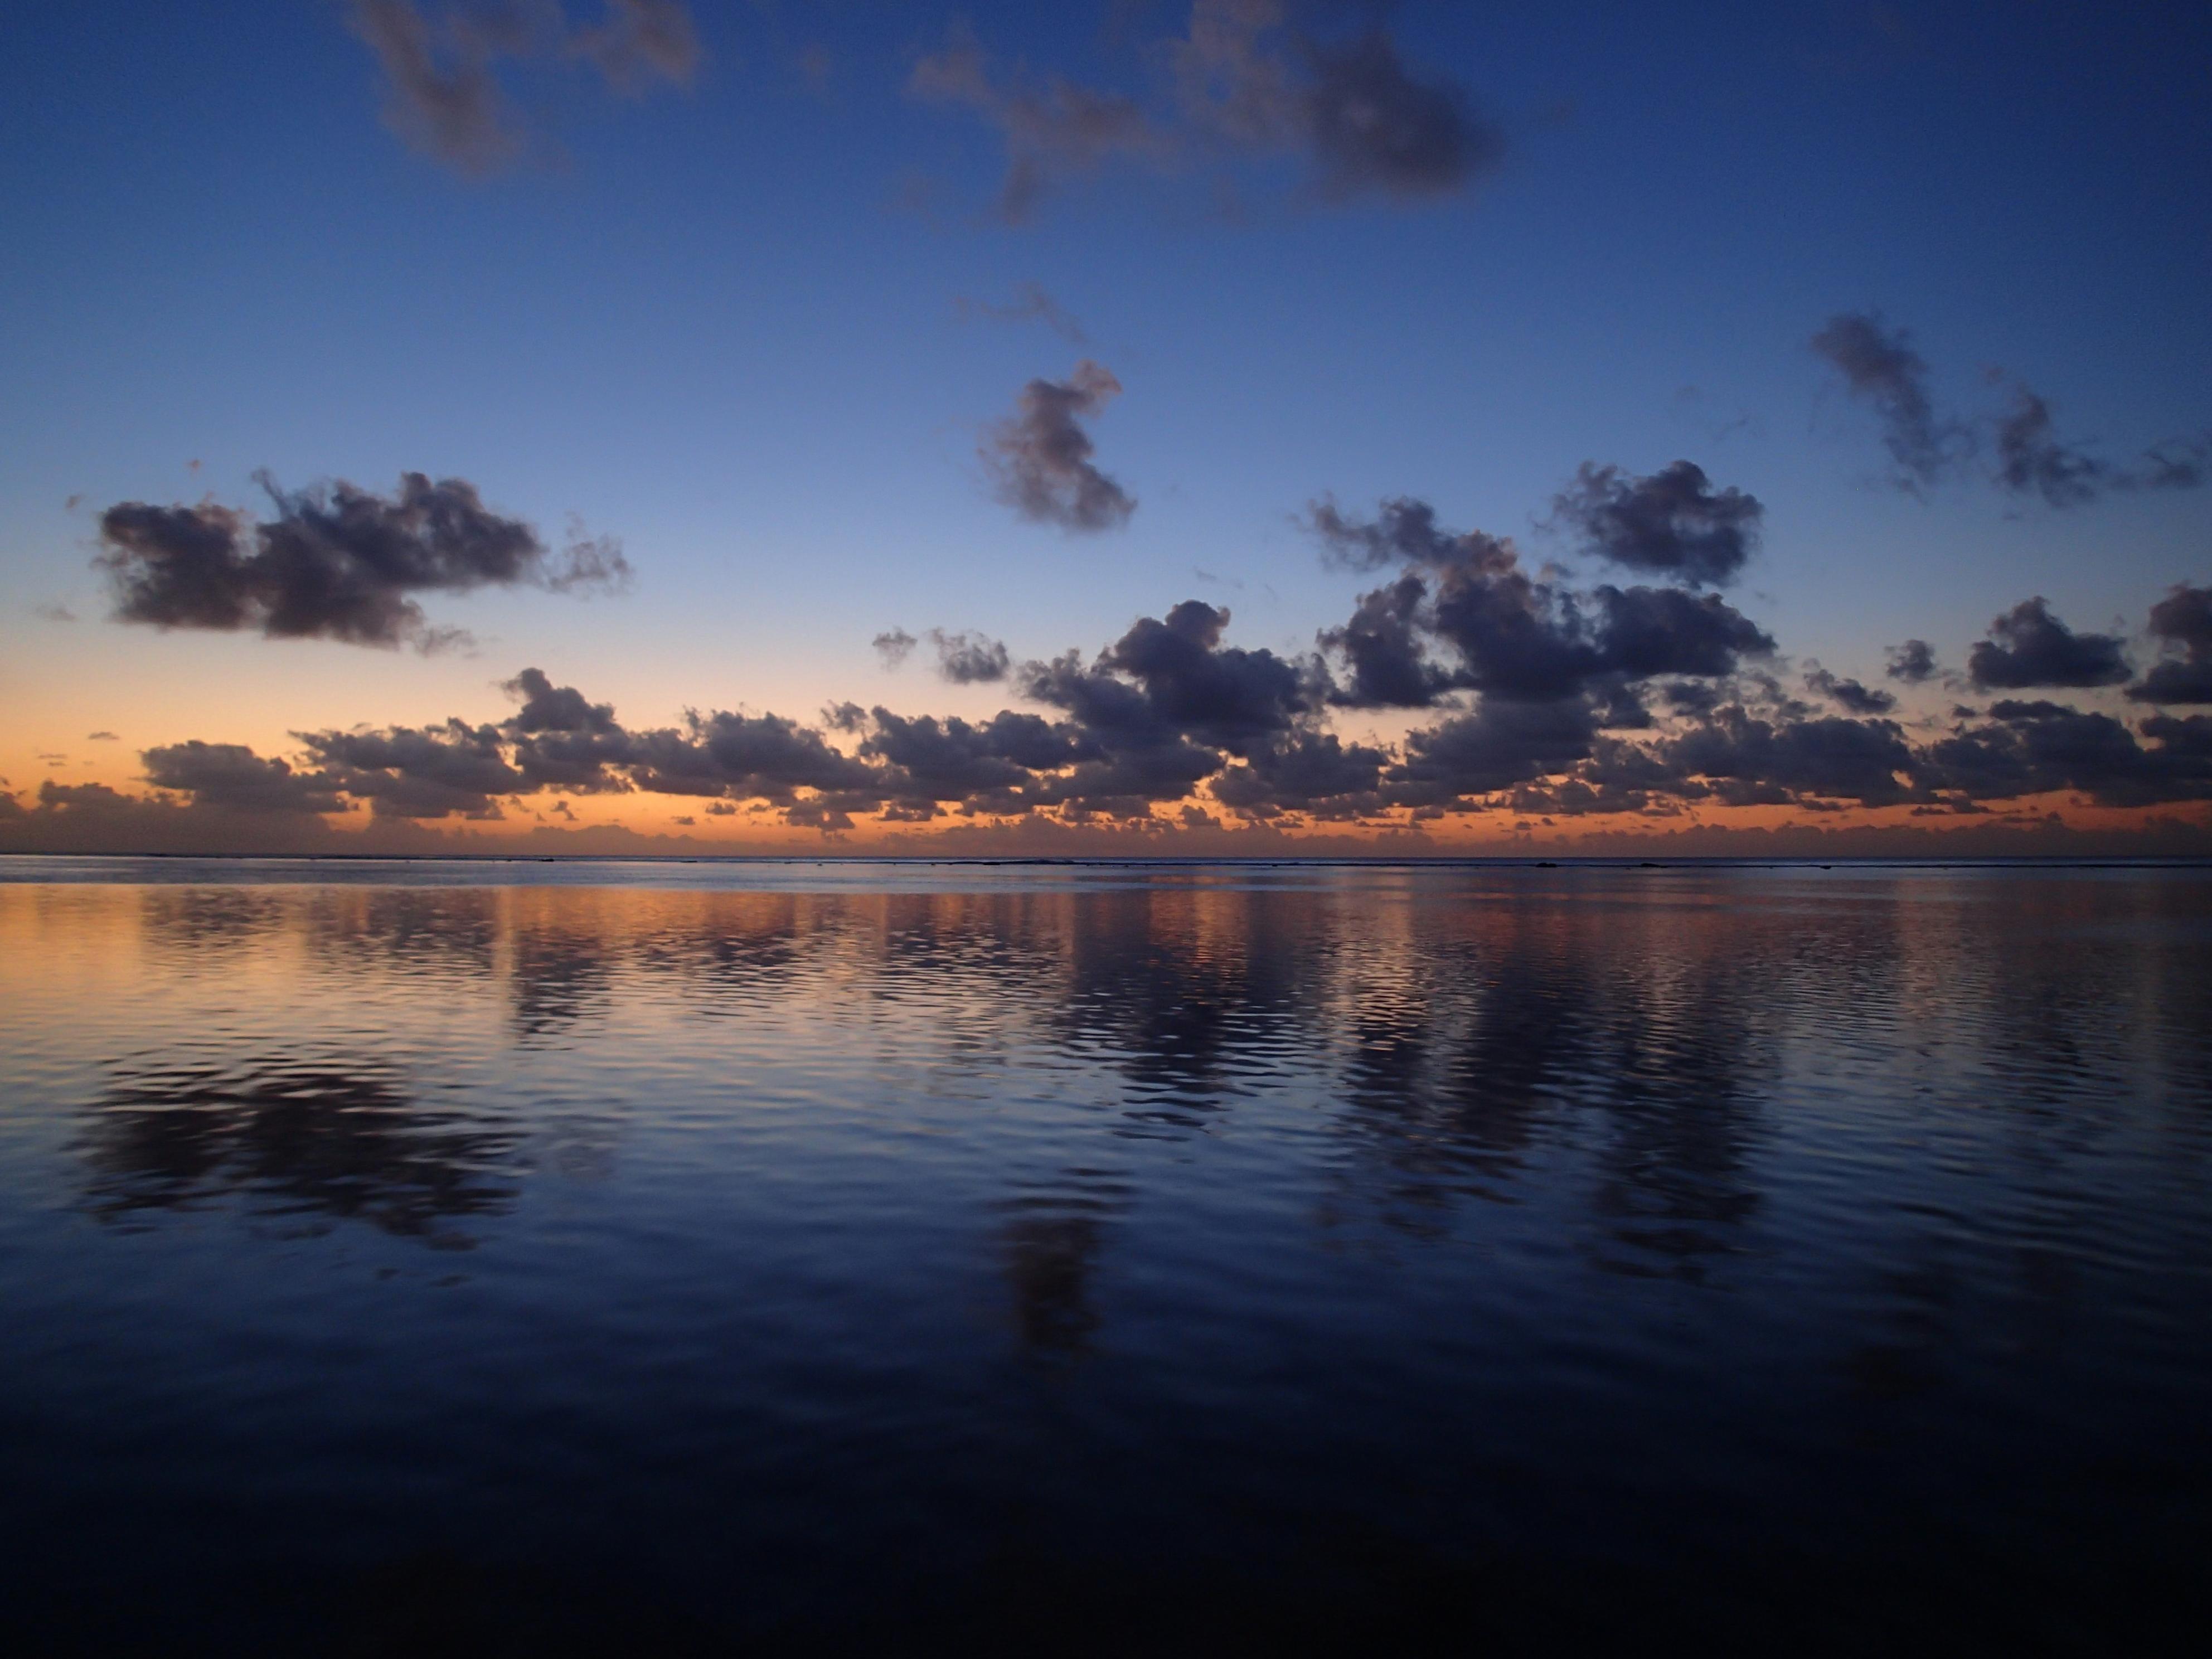 日没直後の水平線。SCN(シーン)モード「夕日」で撮影。レンズの明るさと手ブレ補正の相乗効果もあり、ISO100で撮影できた